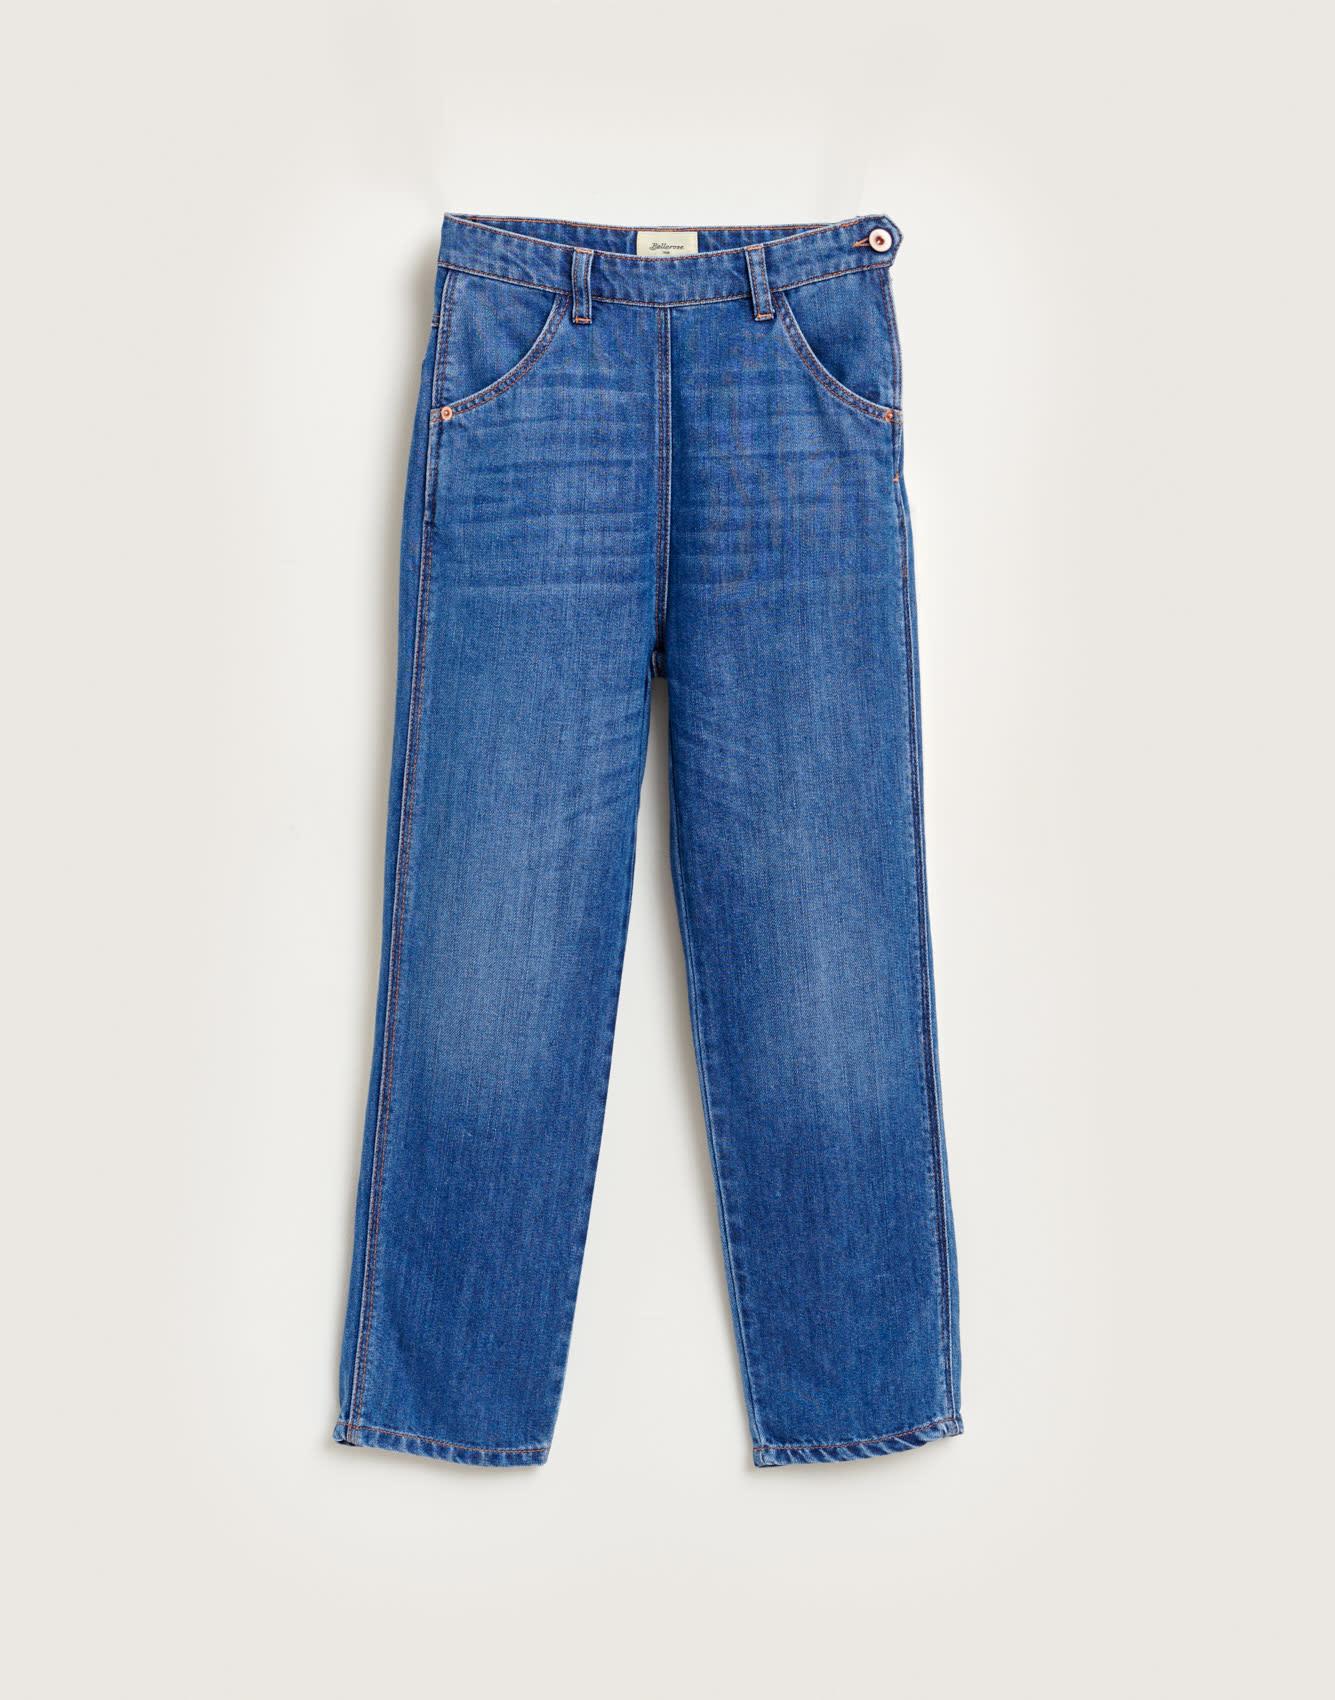 Jeans antic worn teens-1